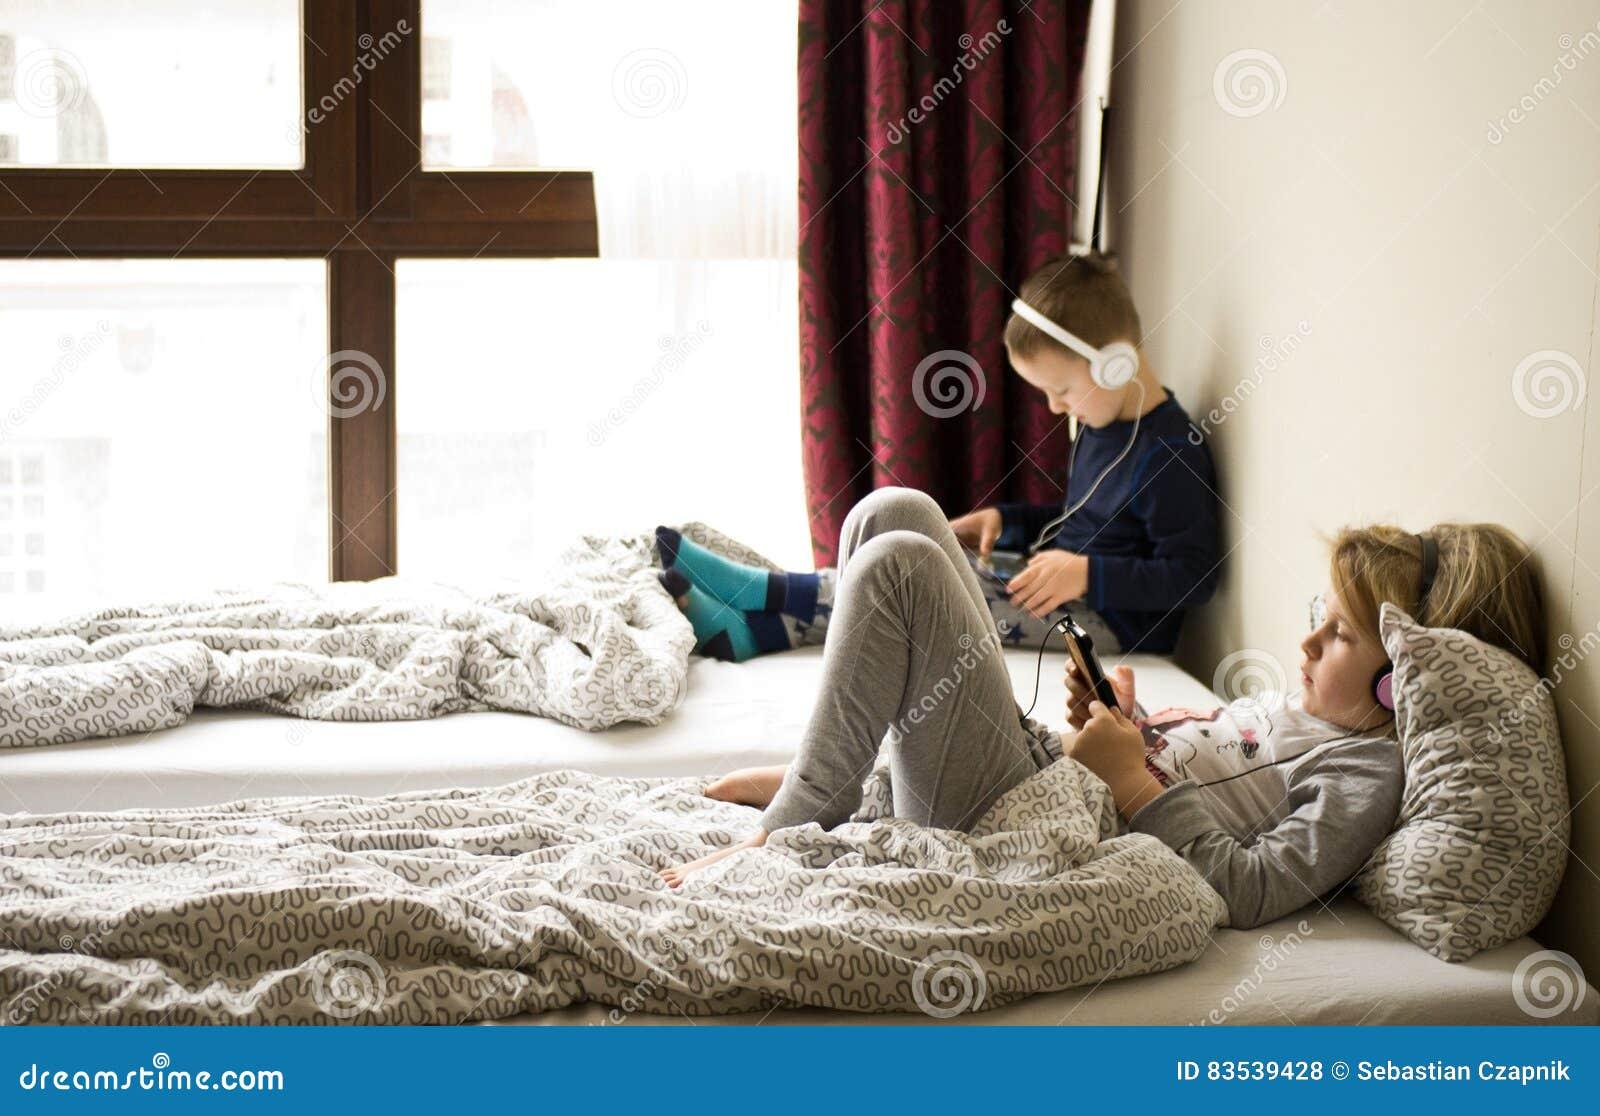 Bett unter fenster affordable der zuvor ziemlich for Bett unter dachschrage